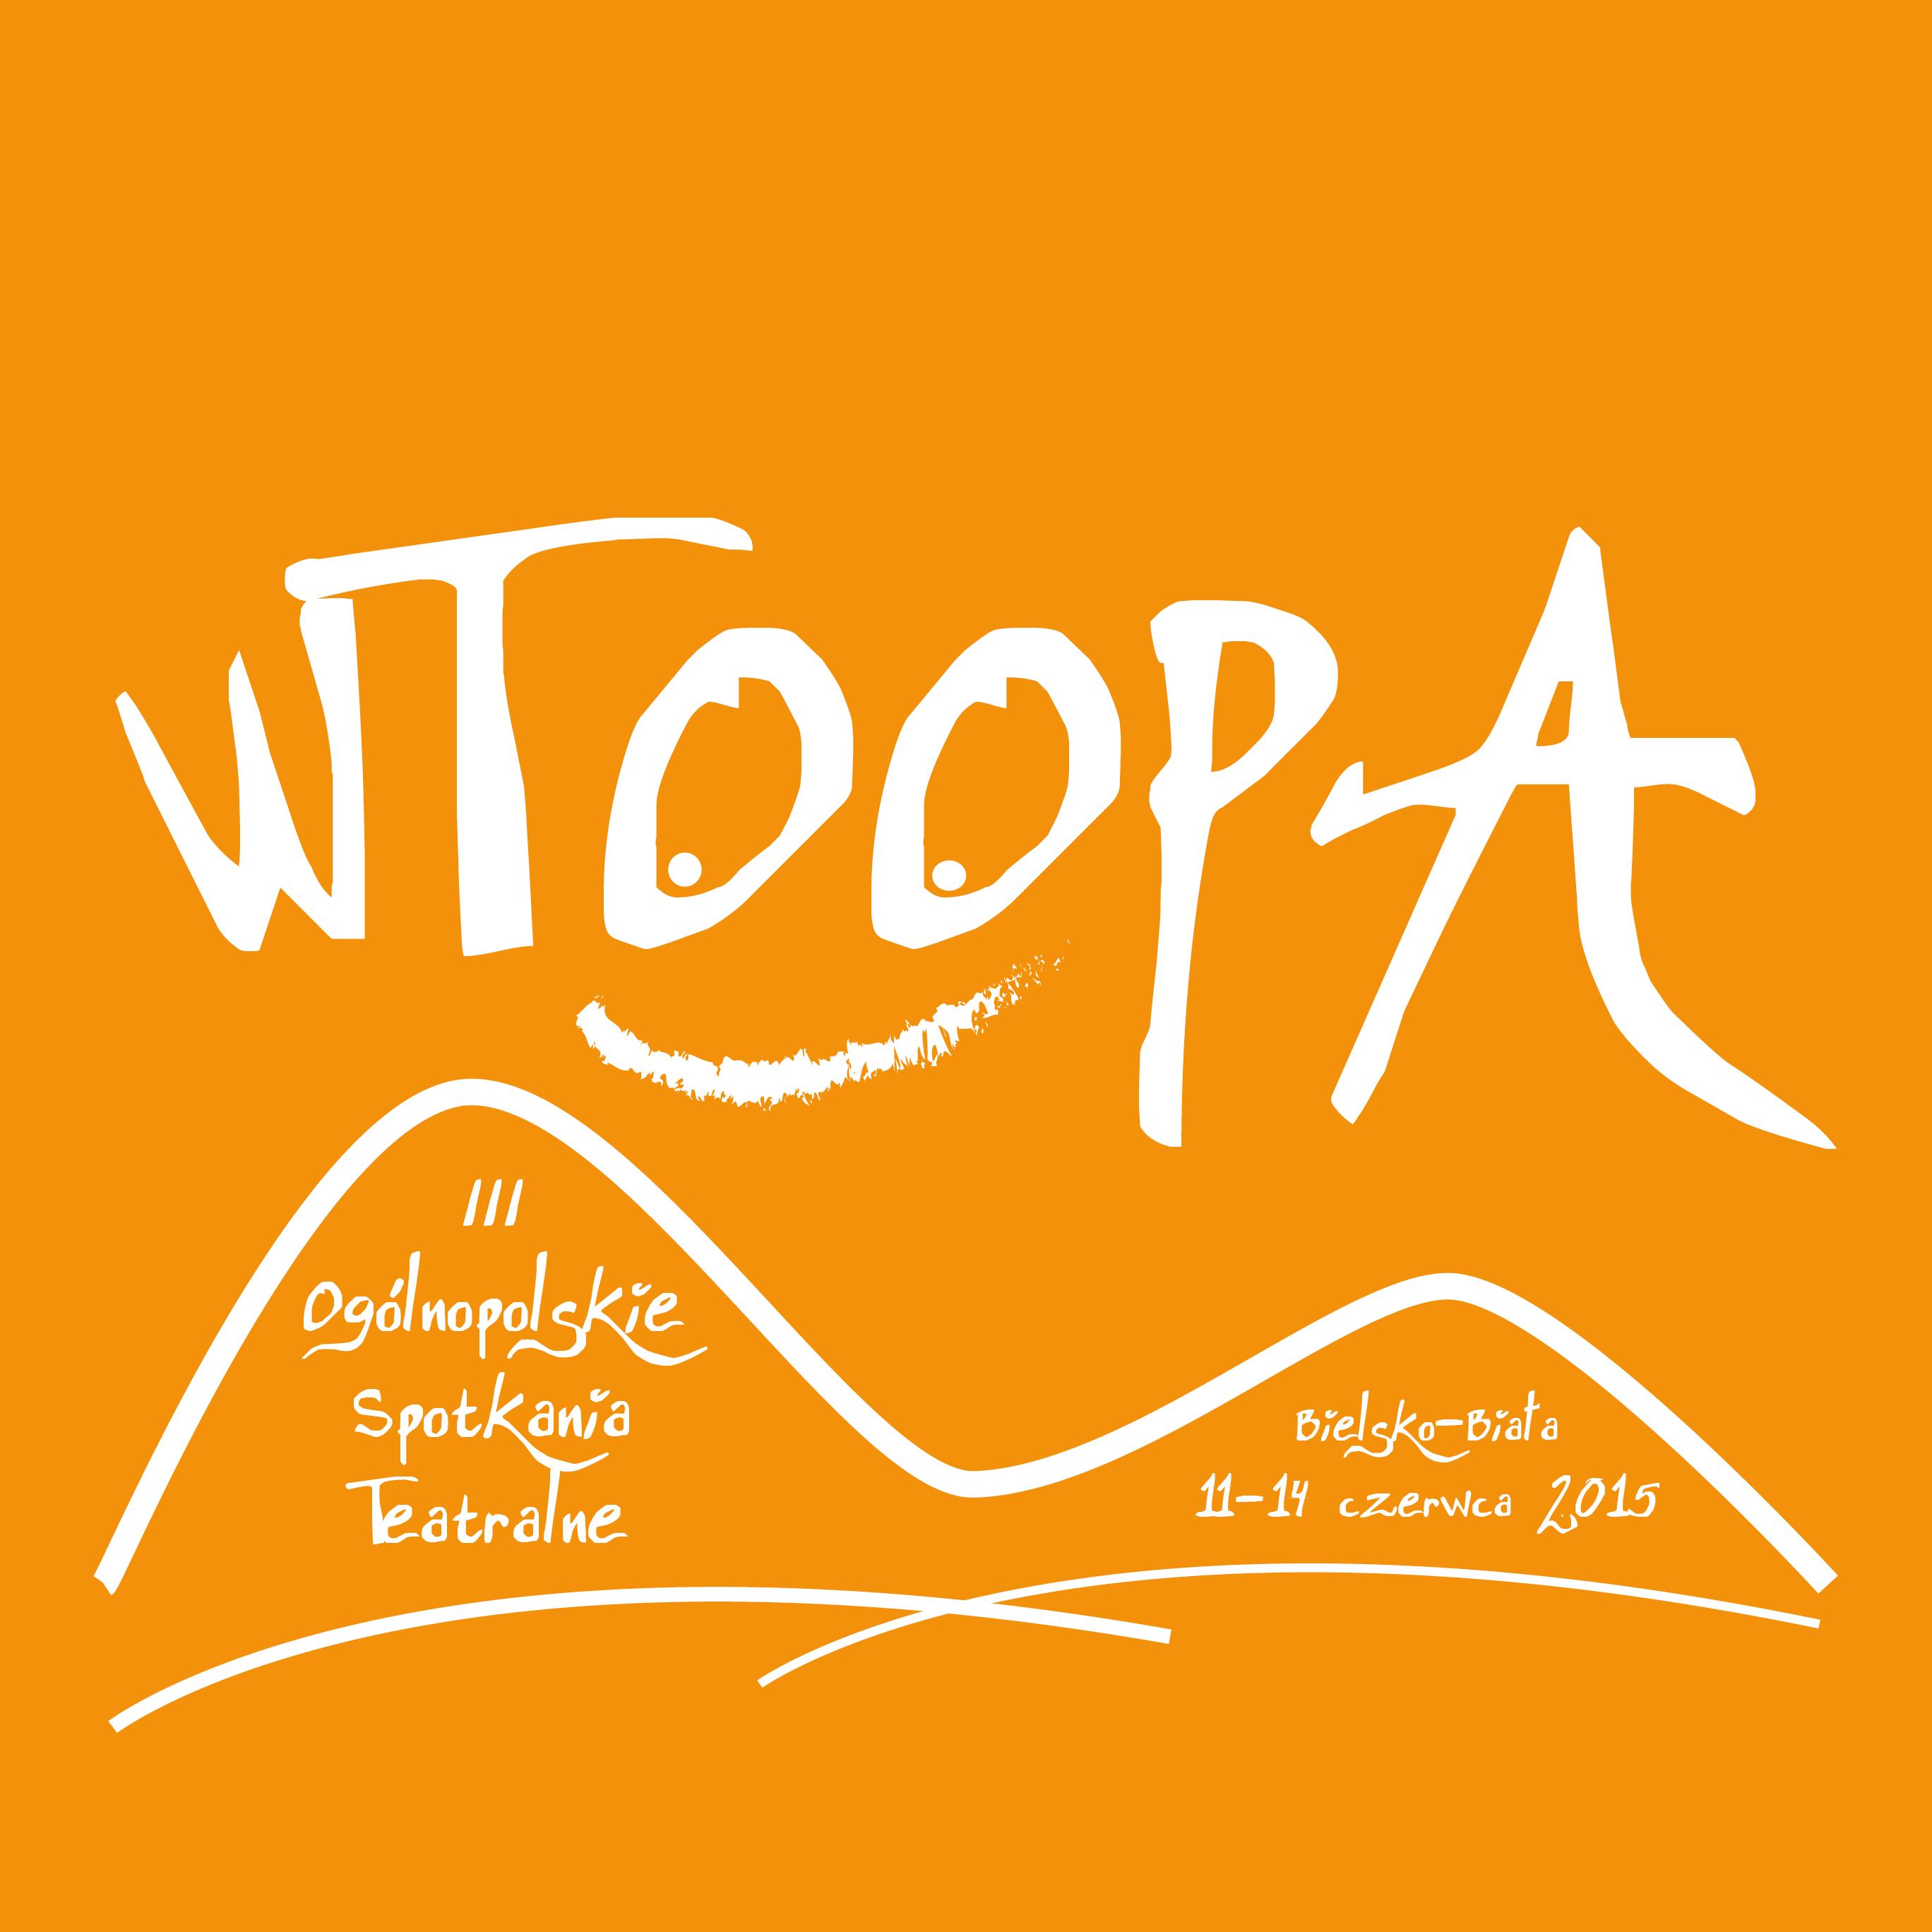 III WTOOPA Bielsko-Biała 2015 | Trzecie Ogólnopolskie Spotkania Teatralne